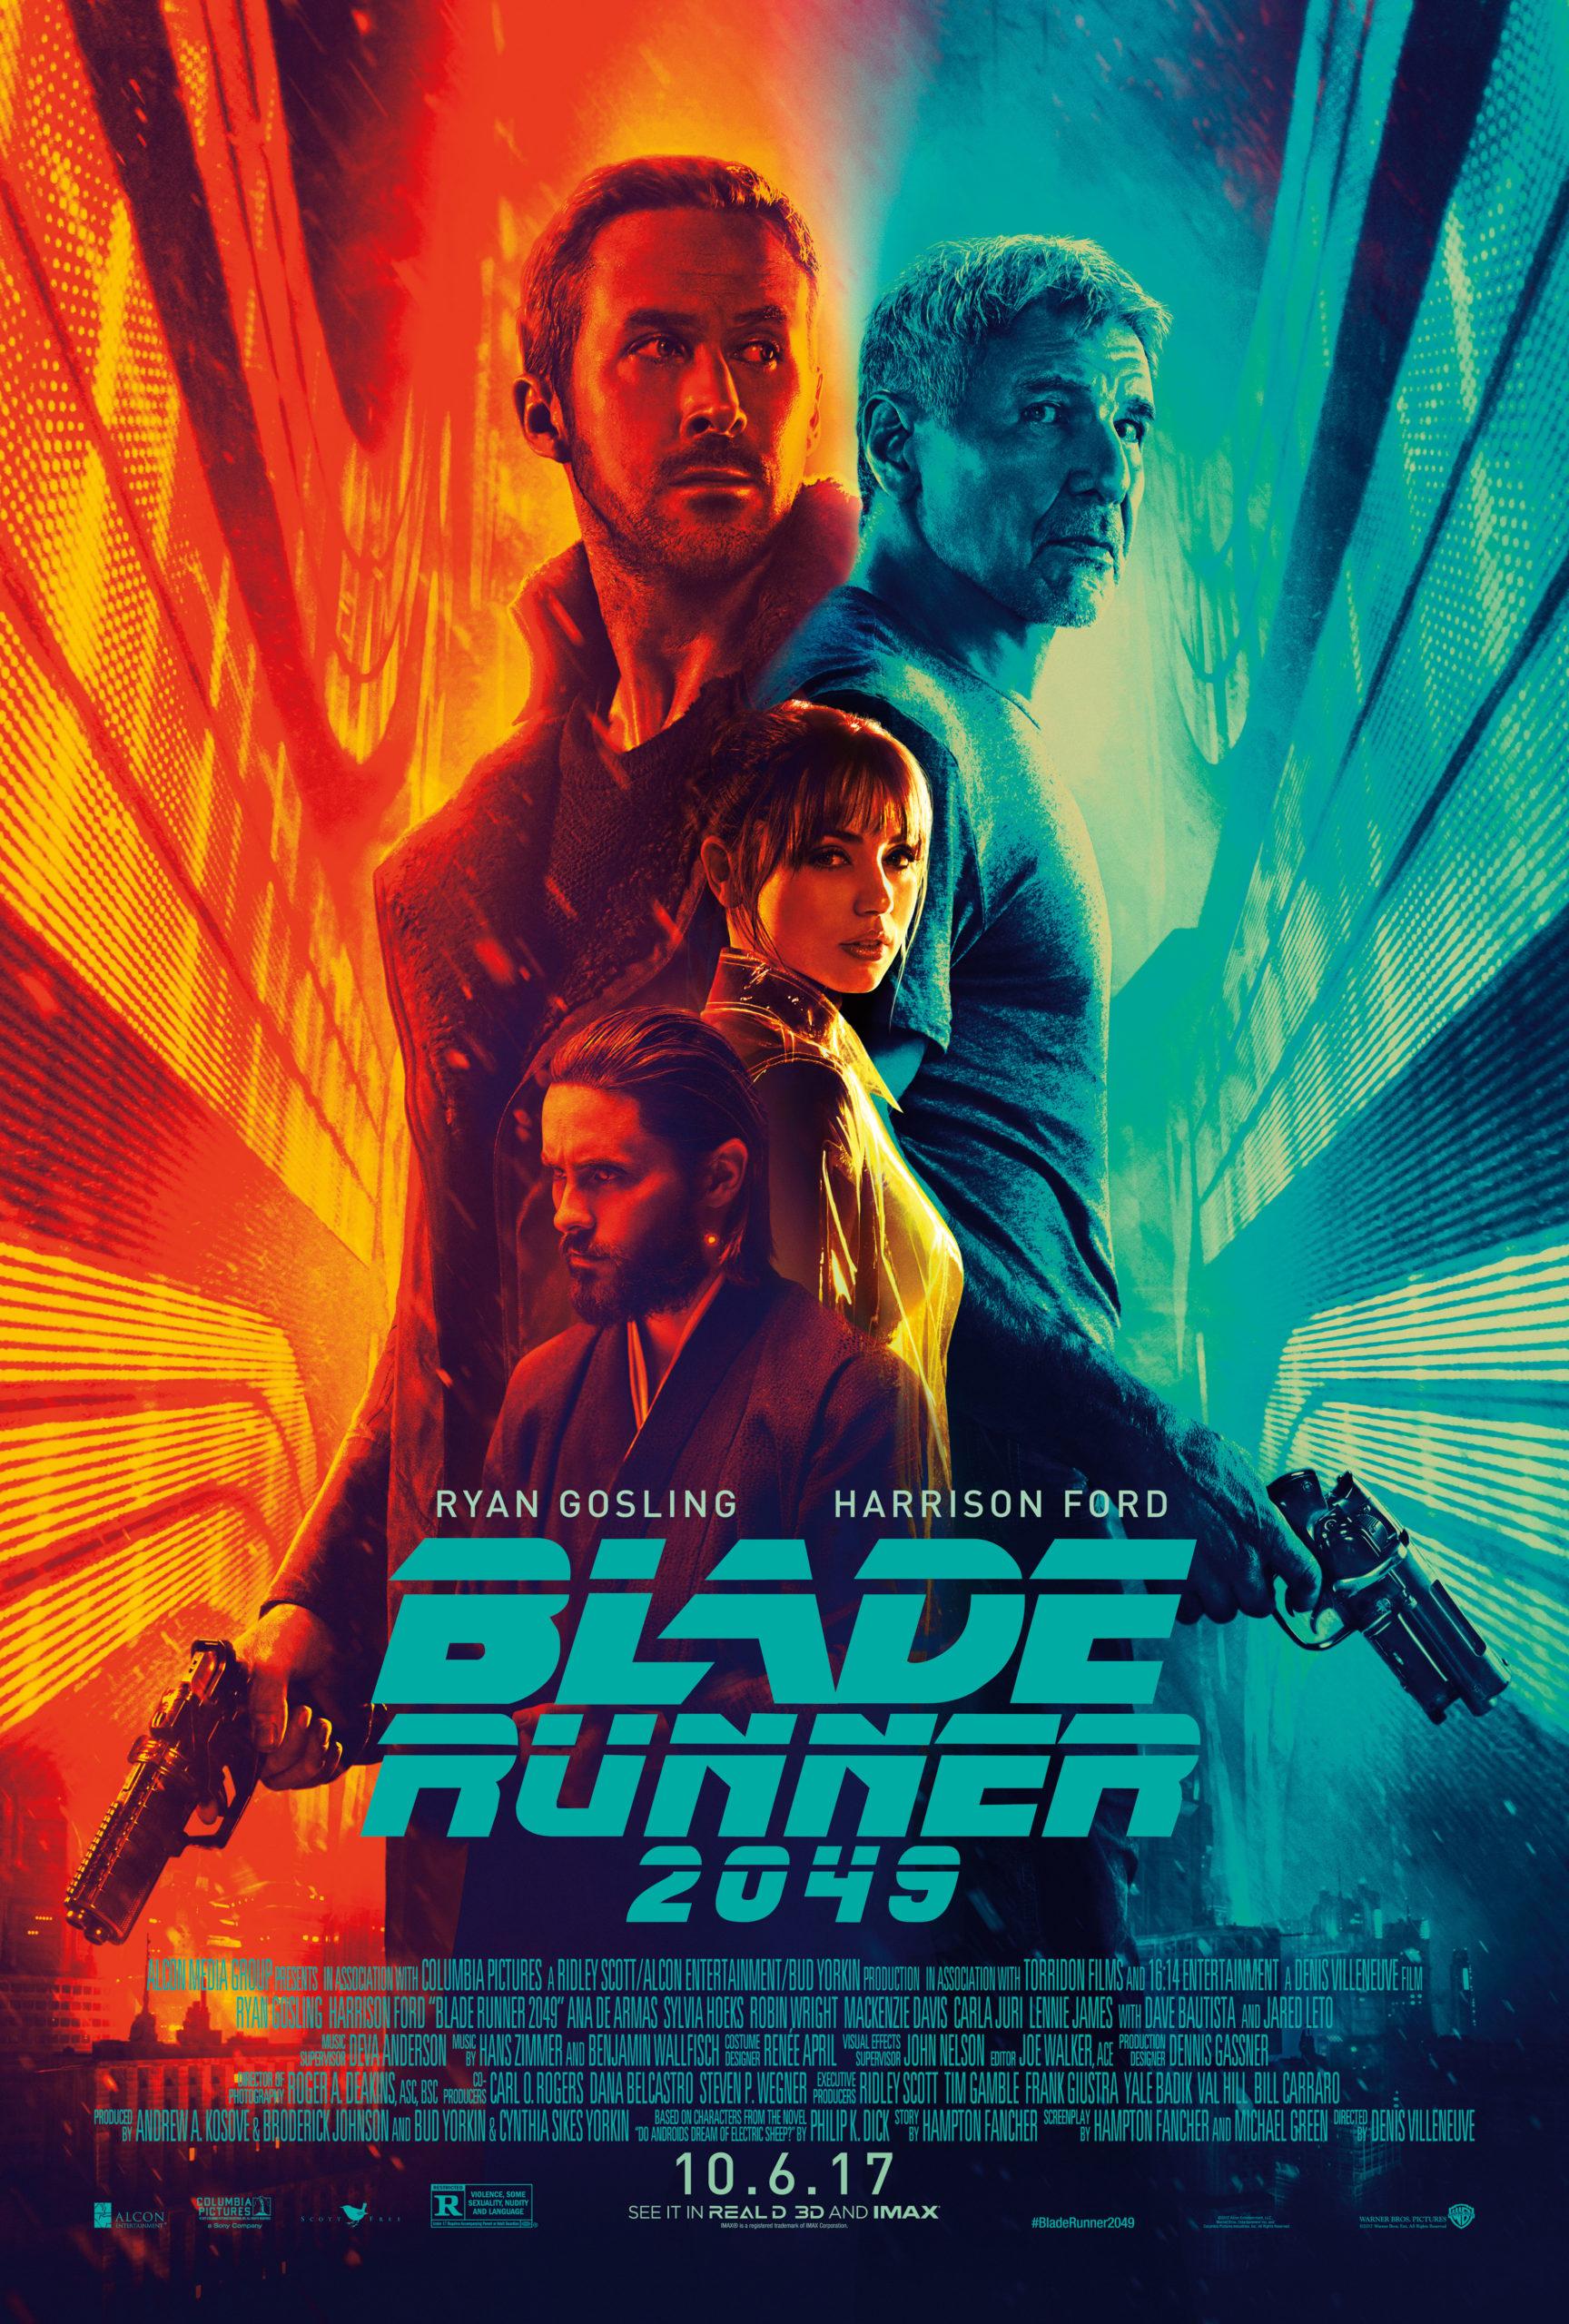 New Trailer: Blade Runner 2049 - DNEG